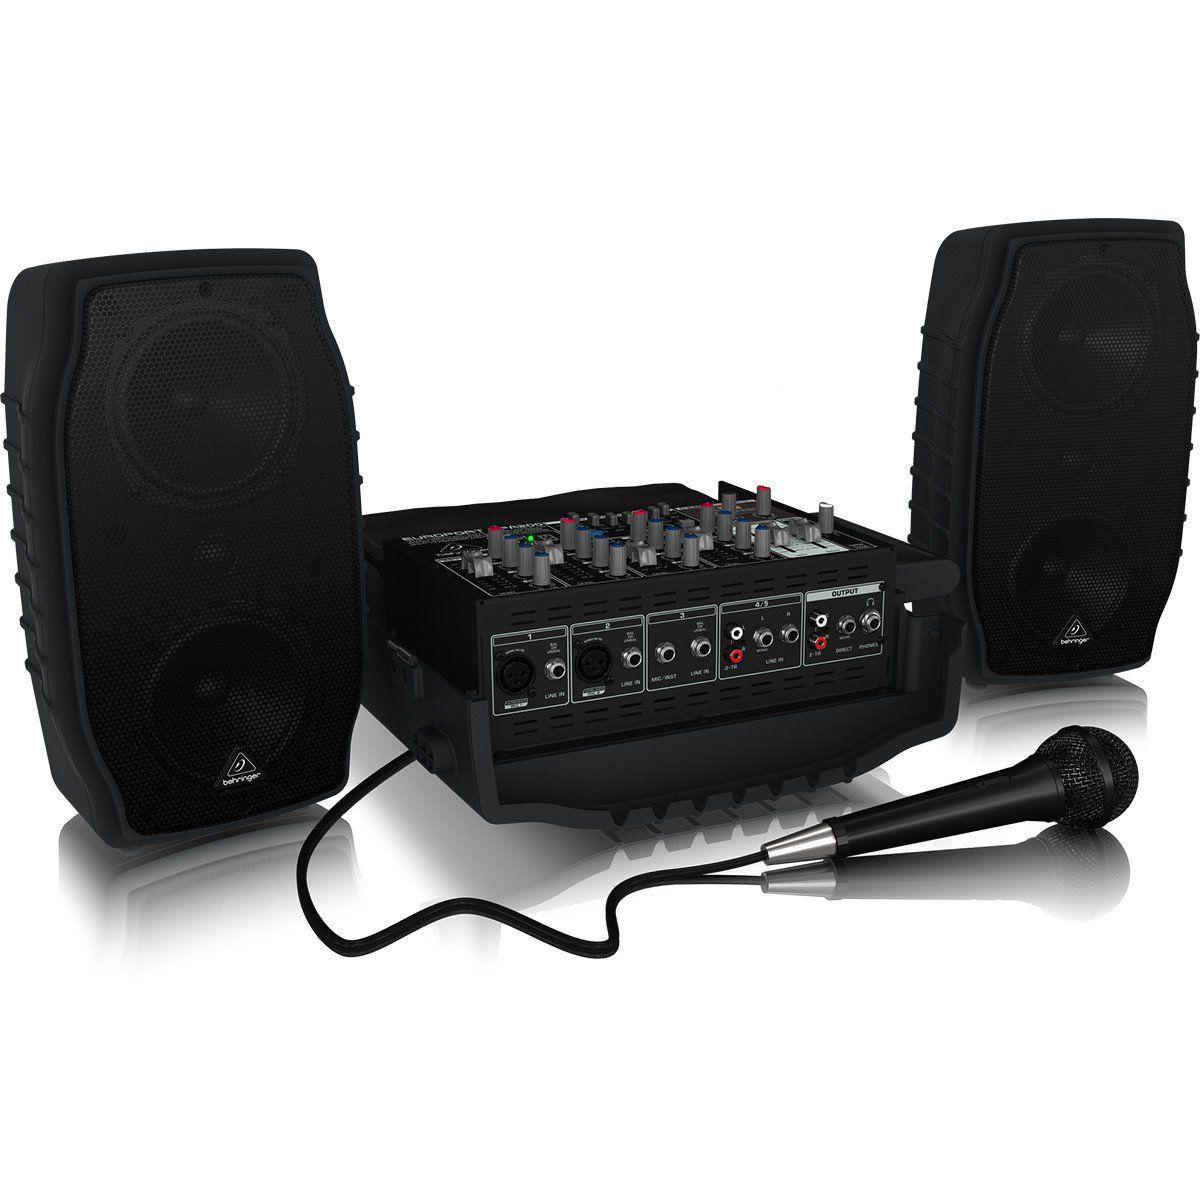 Behringer EuroPort PPA200 Caixa de Som Acústica BehringerPPA200 com Mixer e Microfone